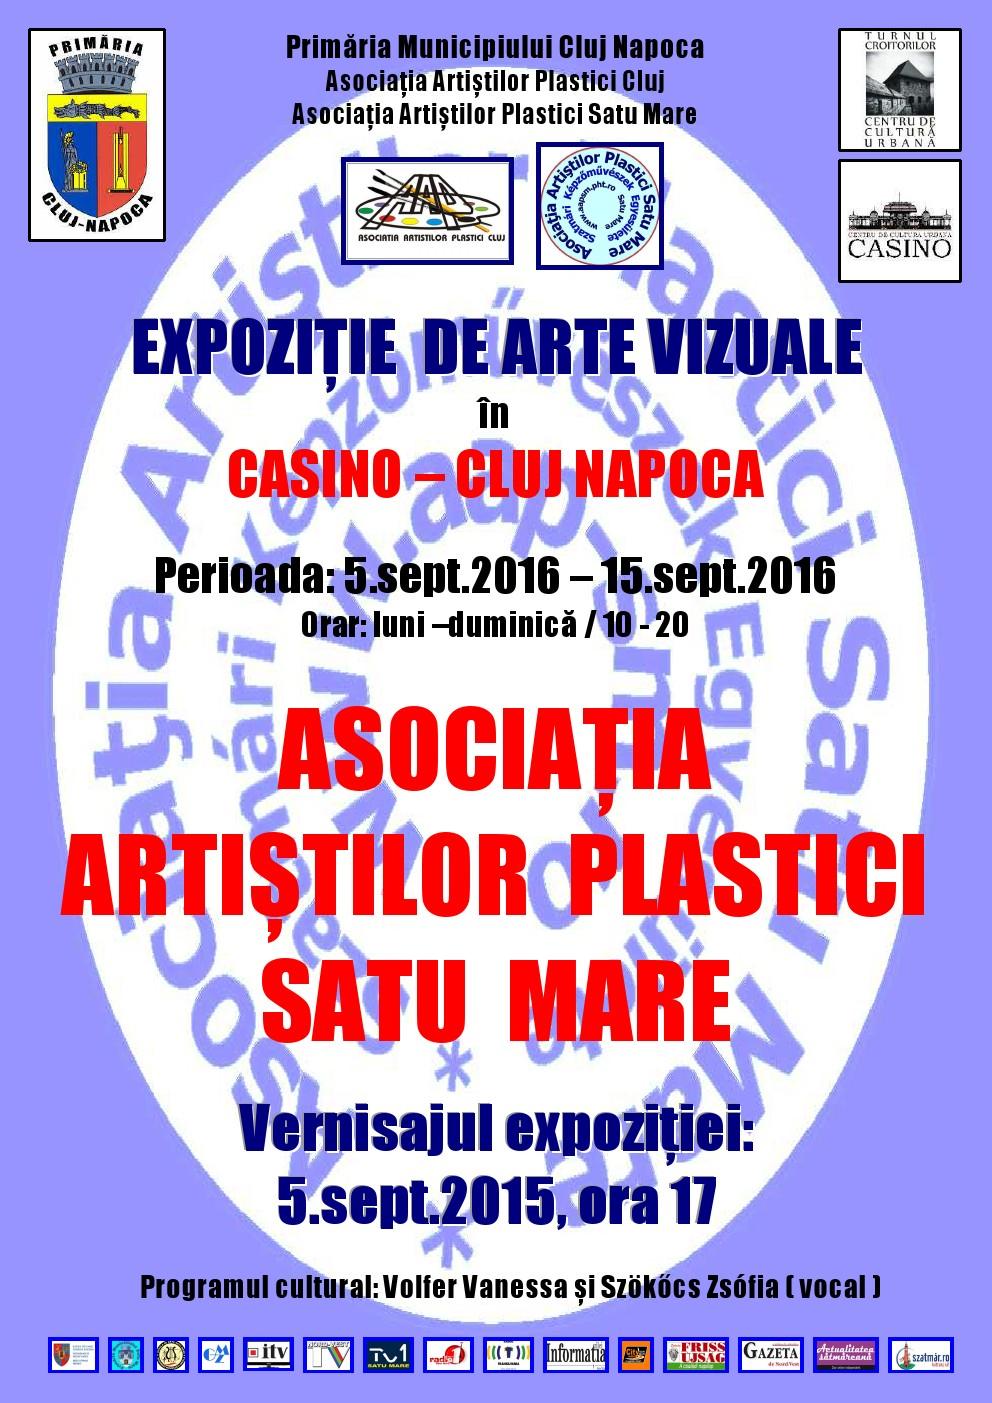 Expoziția Asociației Artiștilor Plastici Satu Mare @ Clădirea Casino